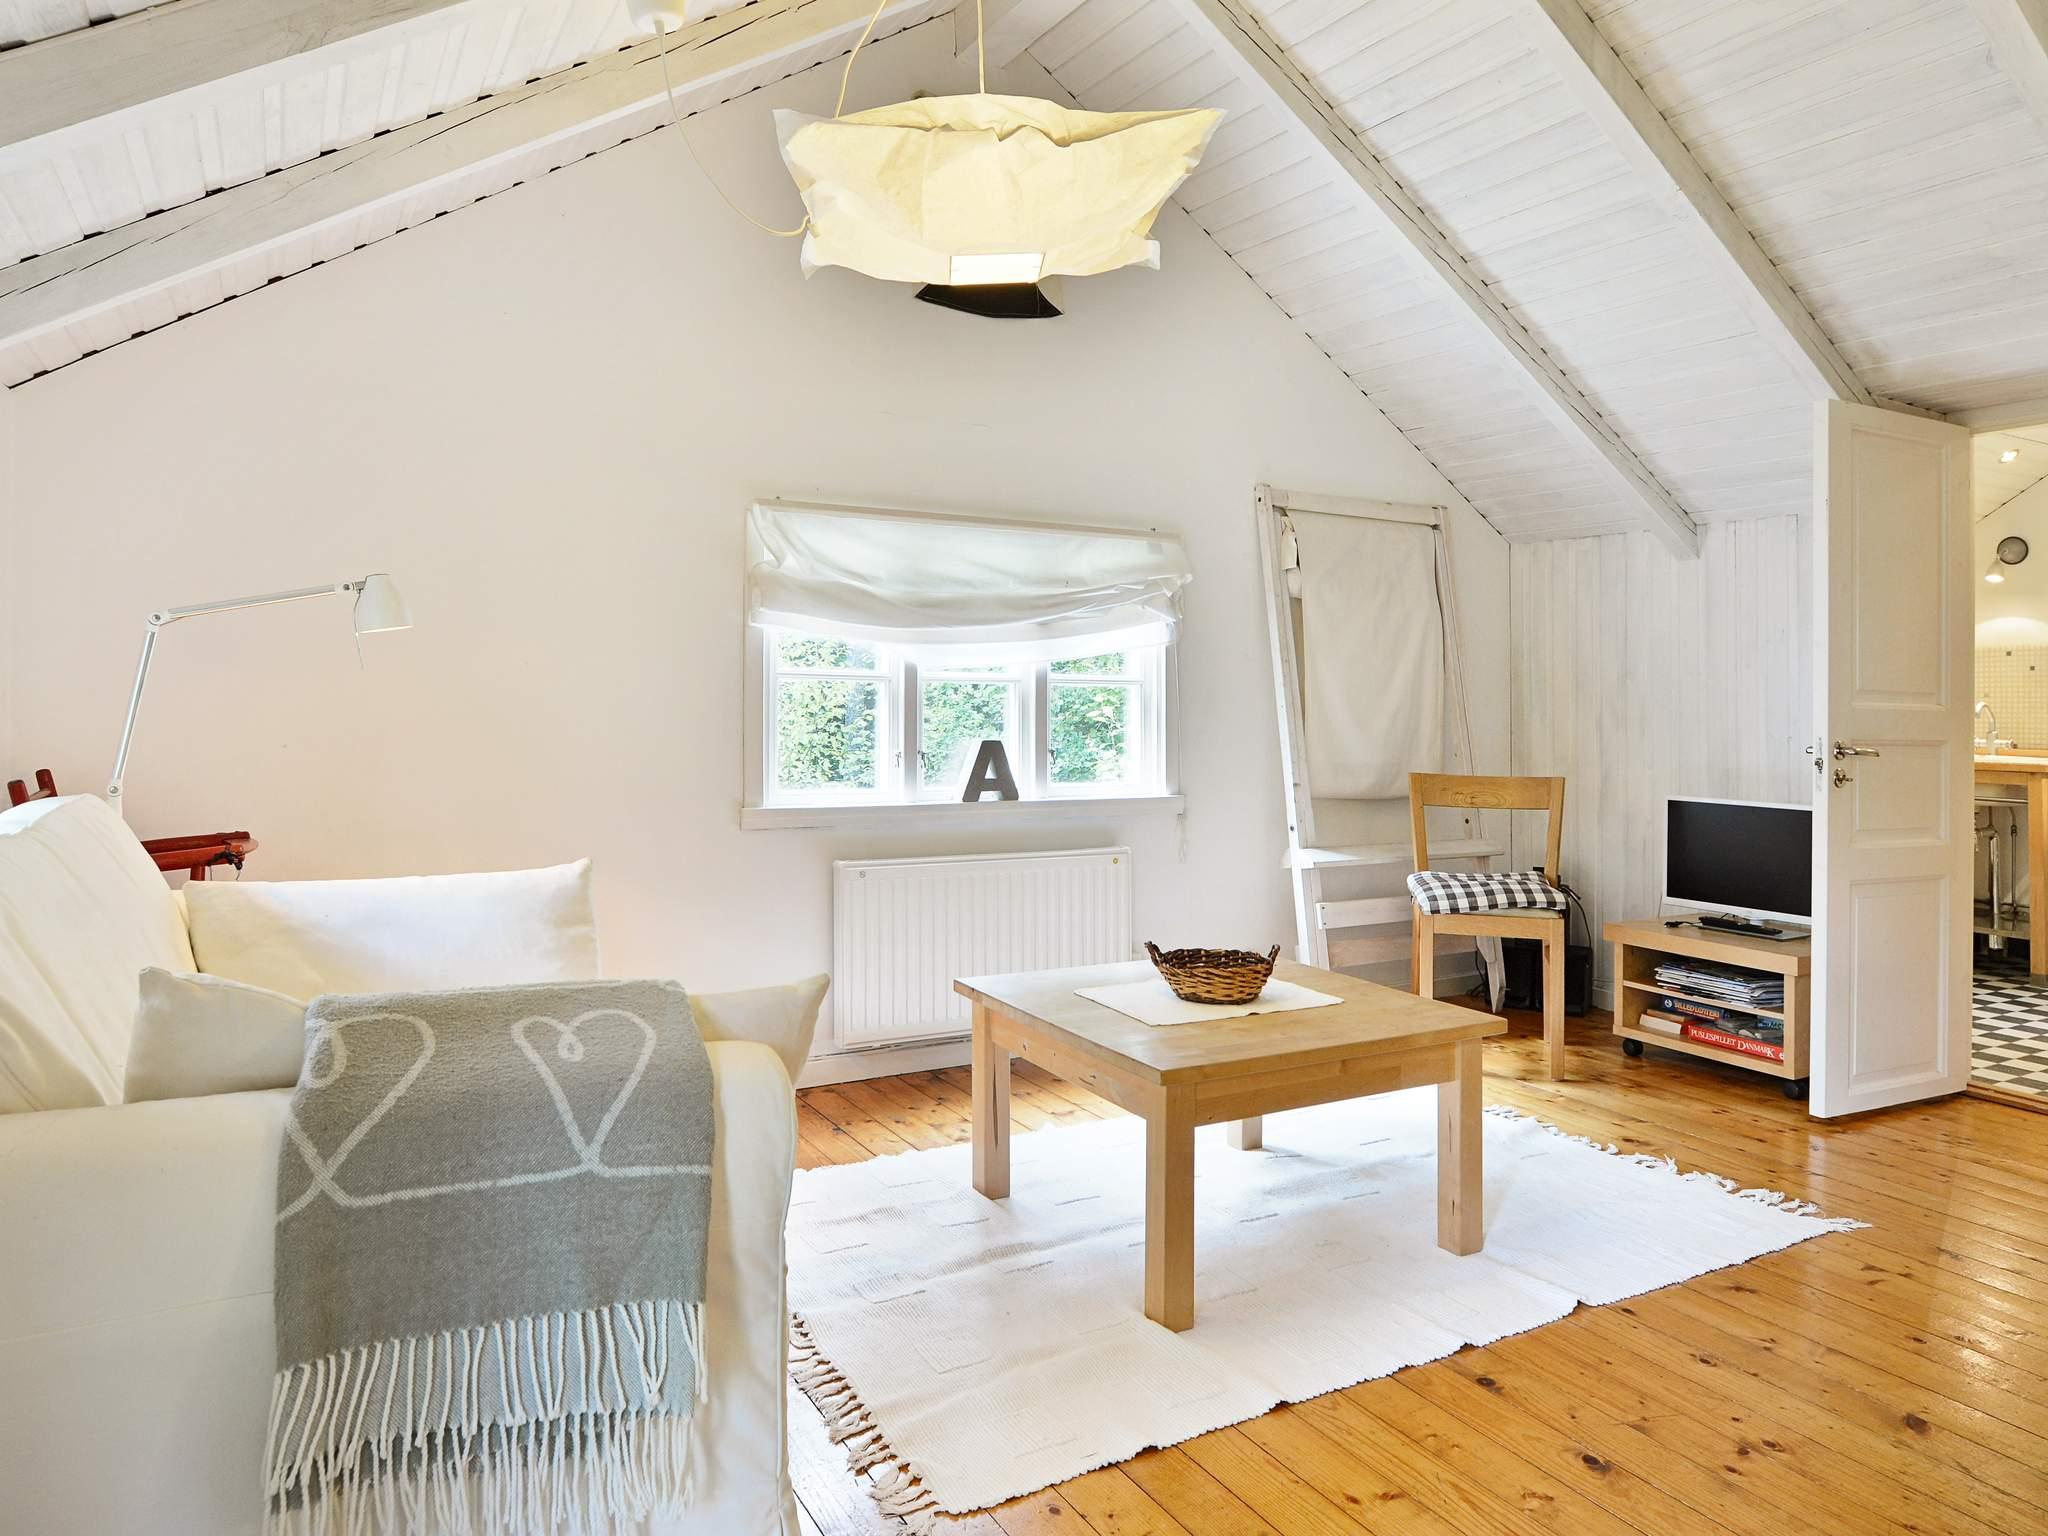 Ferienhaus Belganet (86864), Hallabro, Blekinge län, Südschweden, Schweden, Bild 3